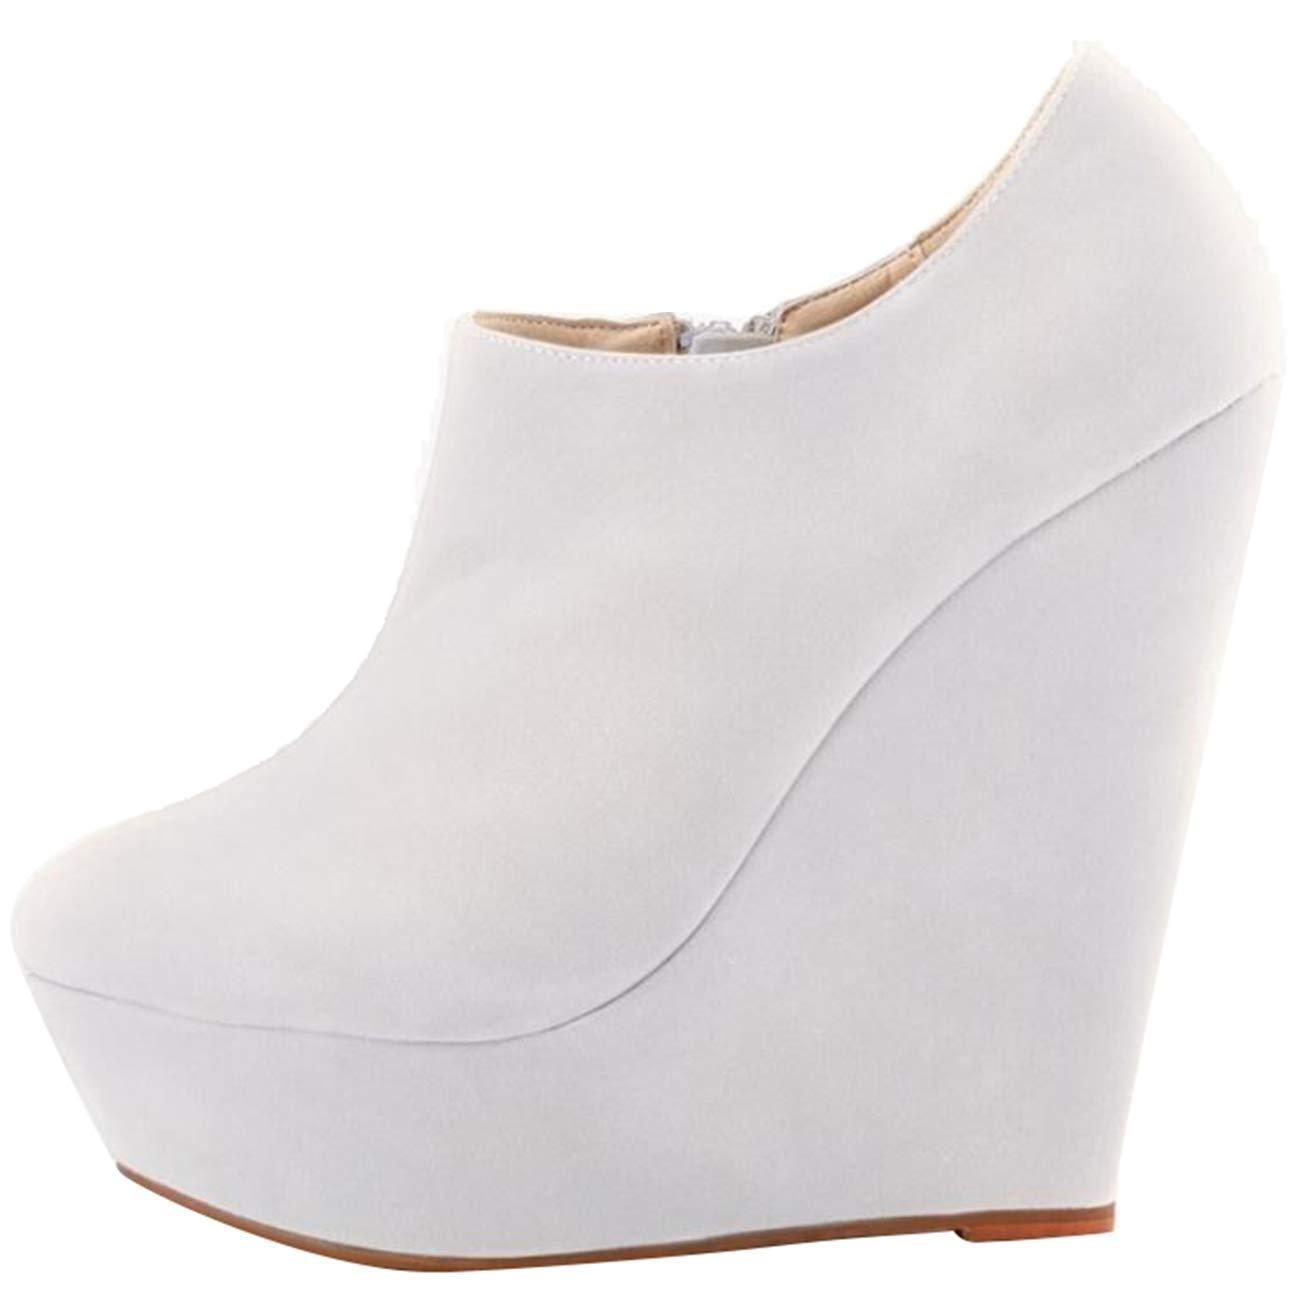 Qiusa Damen Runde-Toe Plate Wedge-Heel Wedge-Heel Wedge-Heel Zip Suede Chukka Stiefel (Farbe   Weiß Größe   6 UK) 81d3de